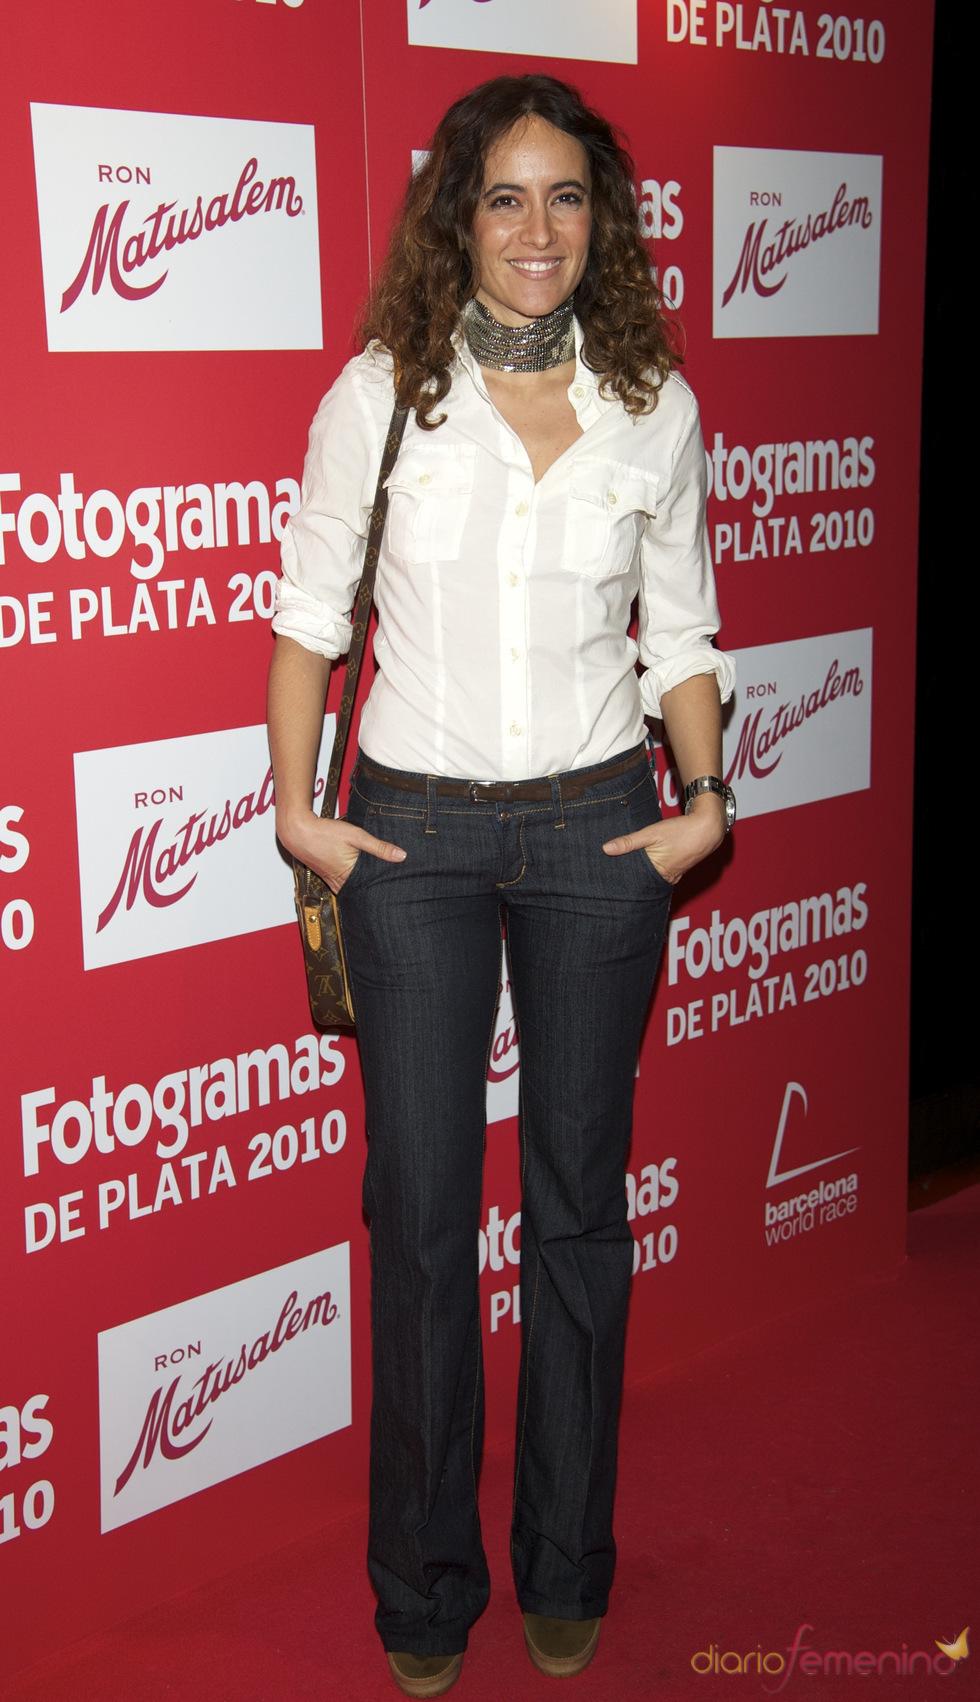 Ana Turpin en los Premios Fotogramas de Plata 2010